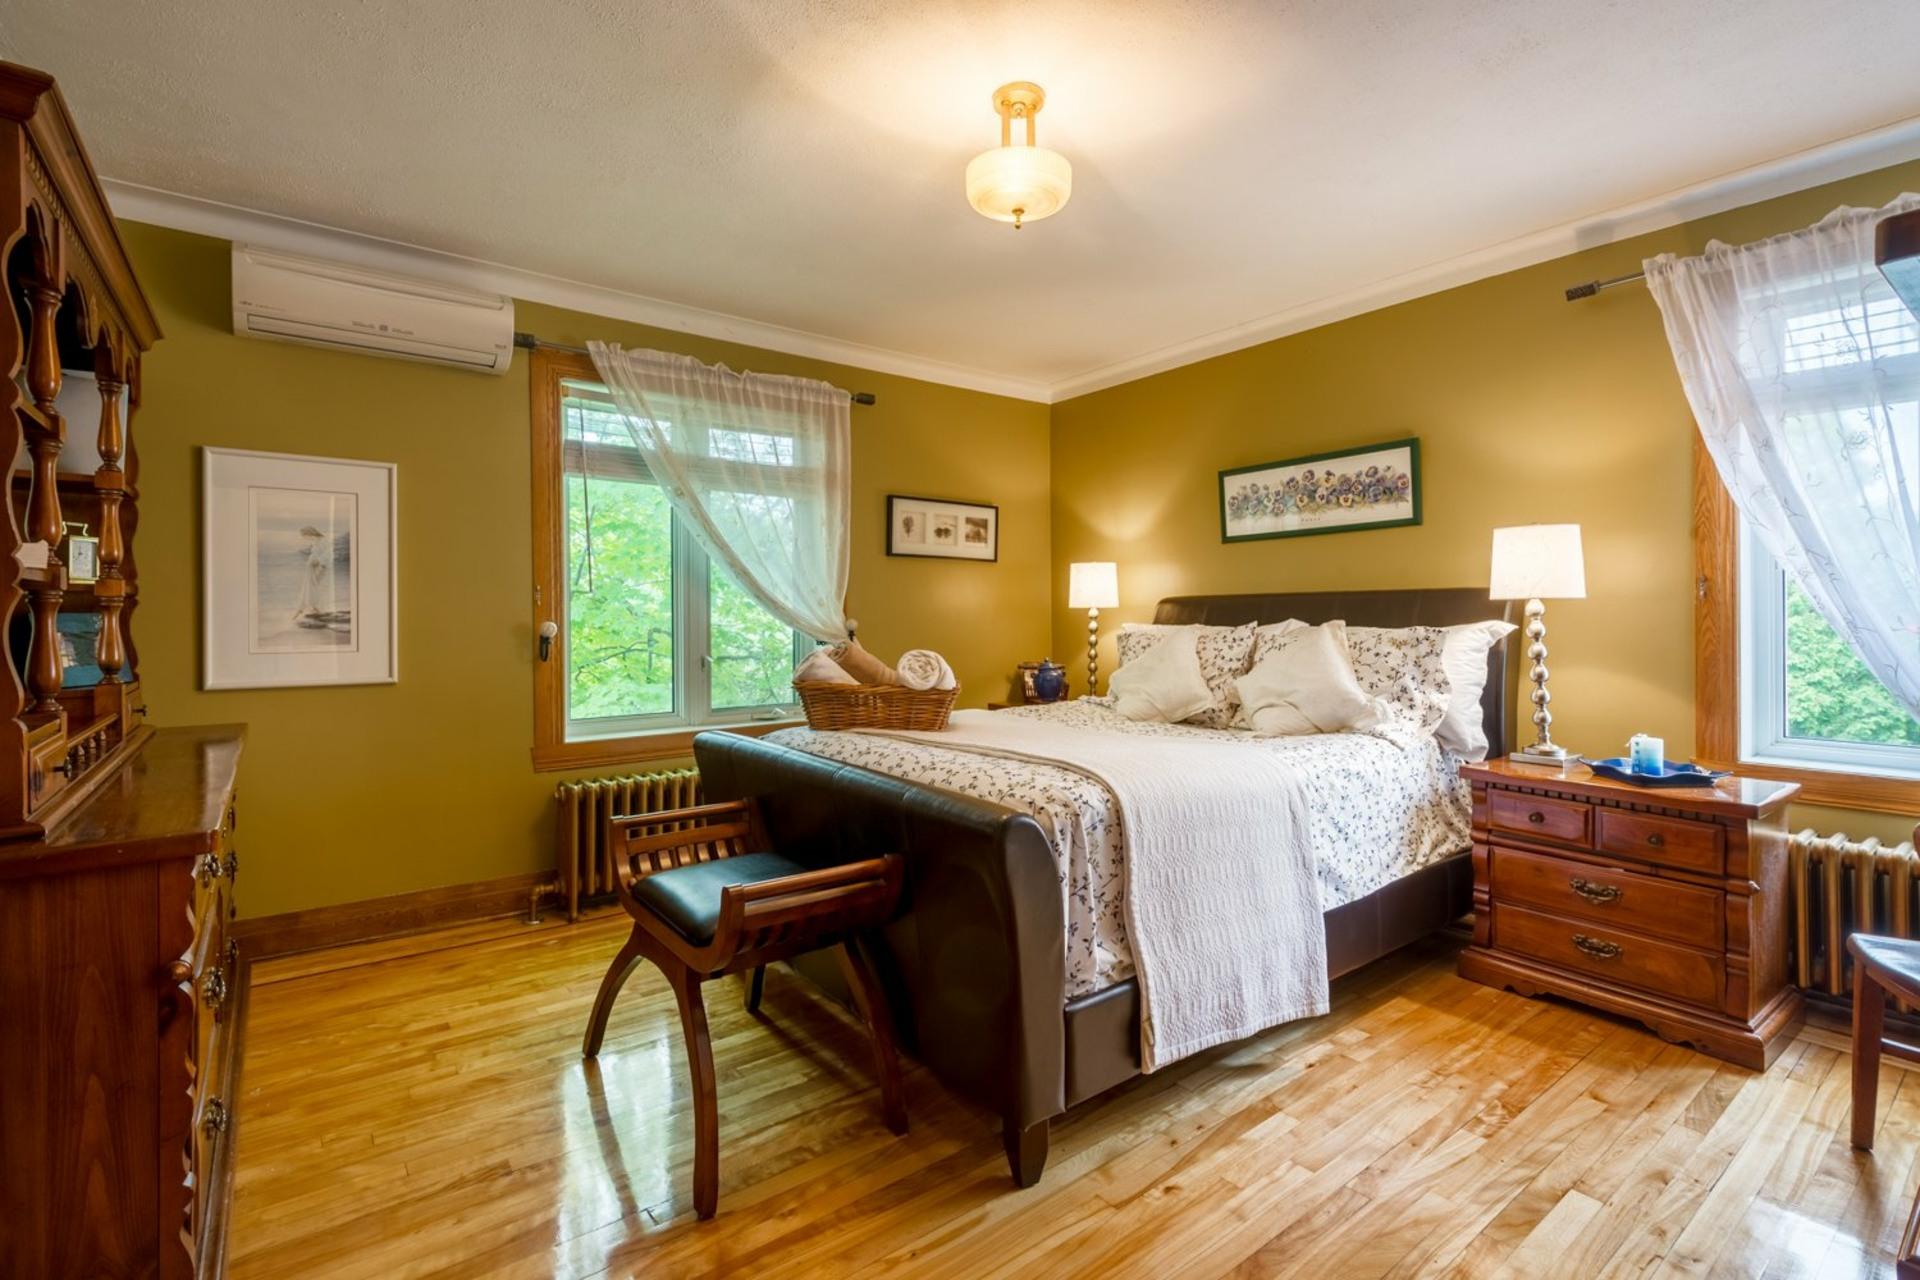 image 14 - Duplex For sale Sainte-Anne-de-Bellevue - 6 rooms